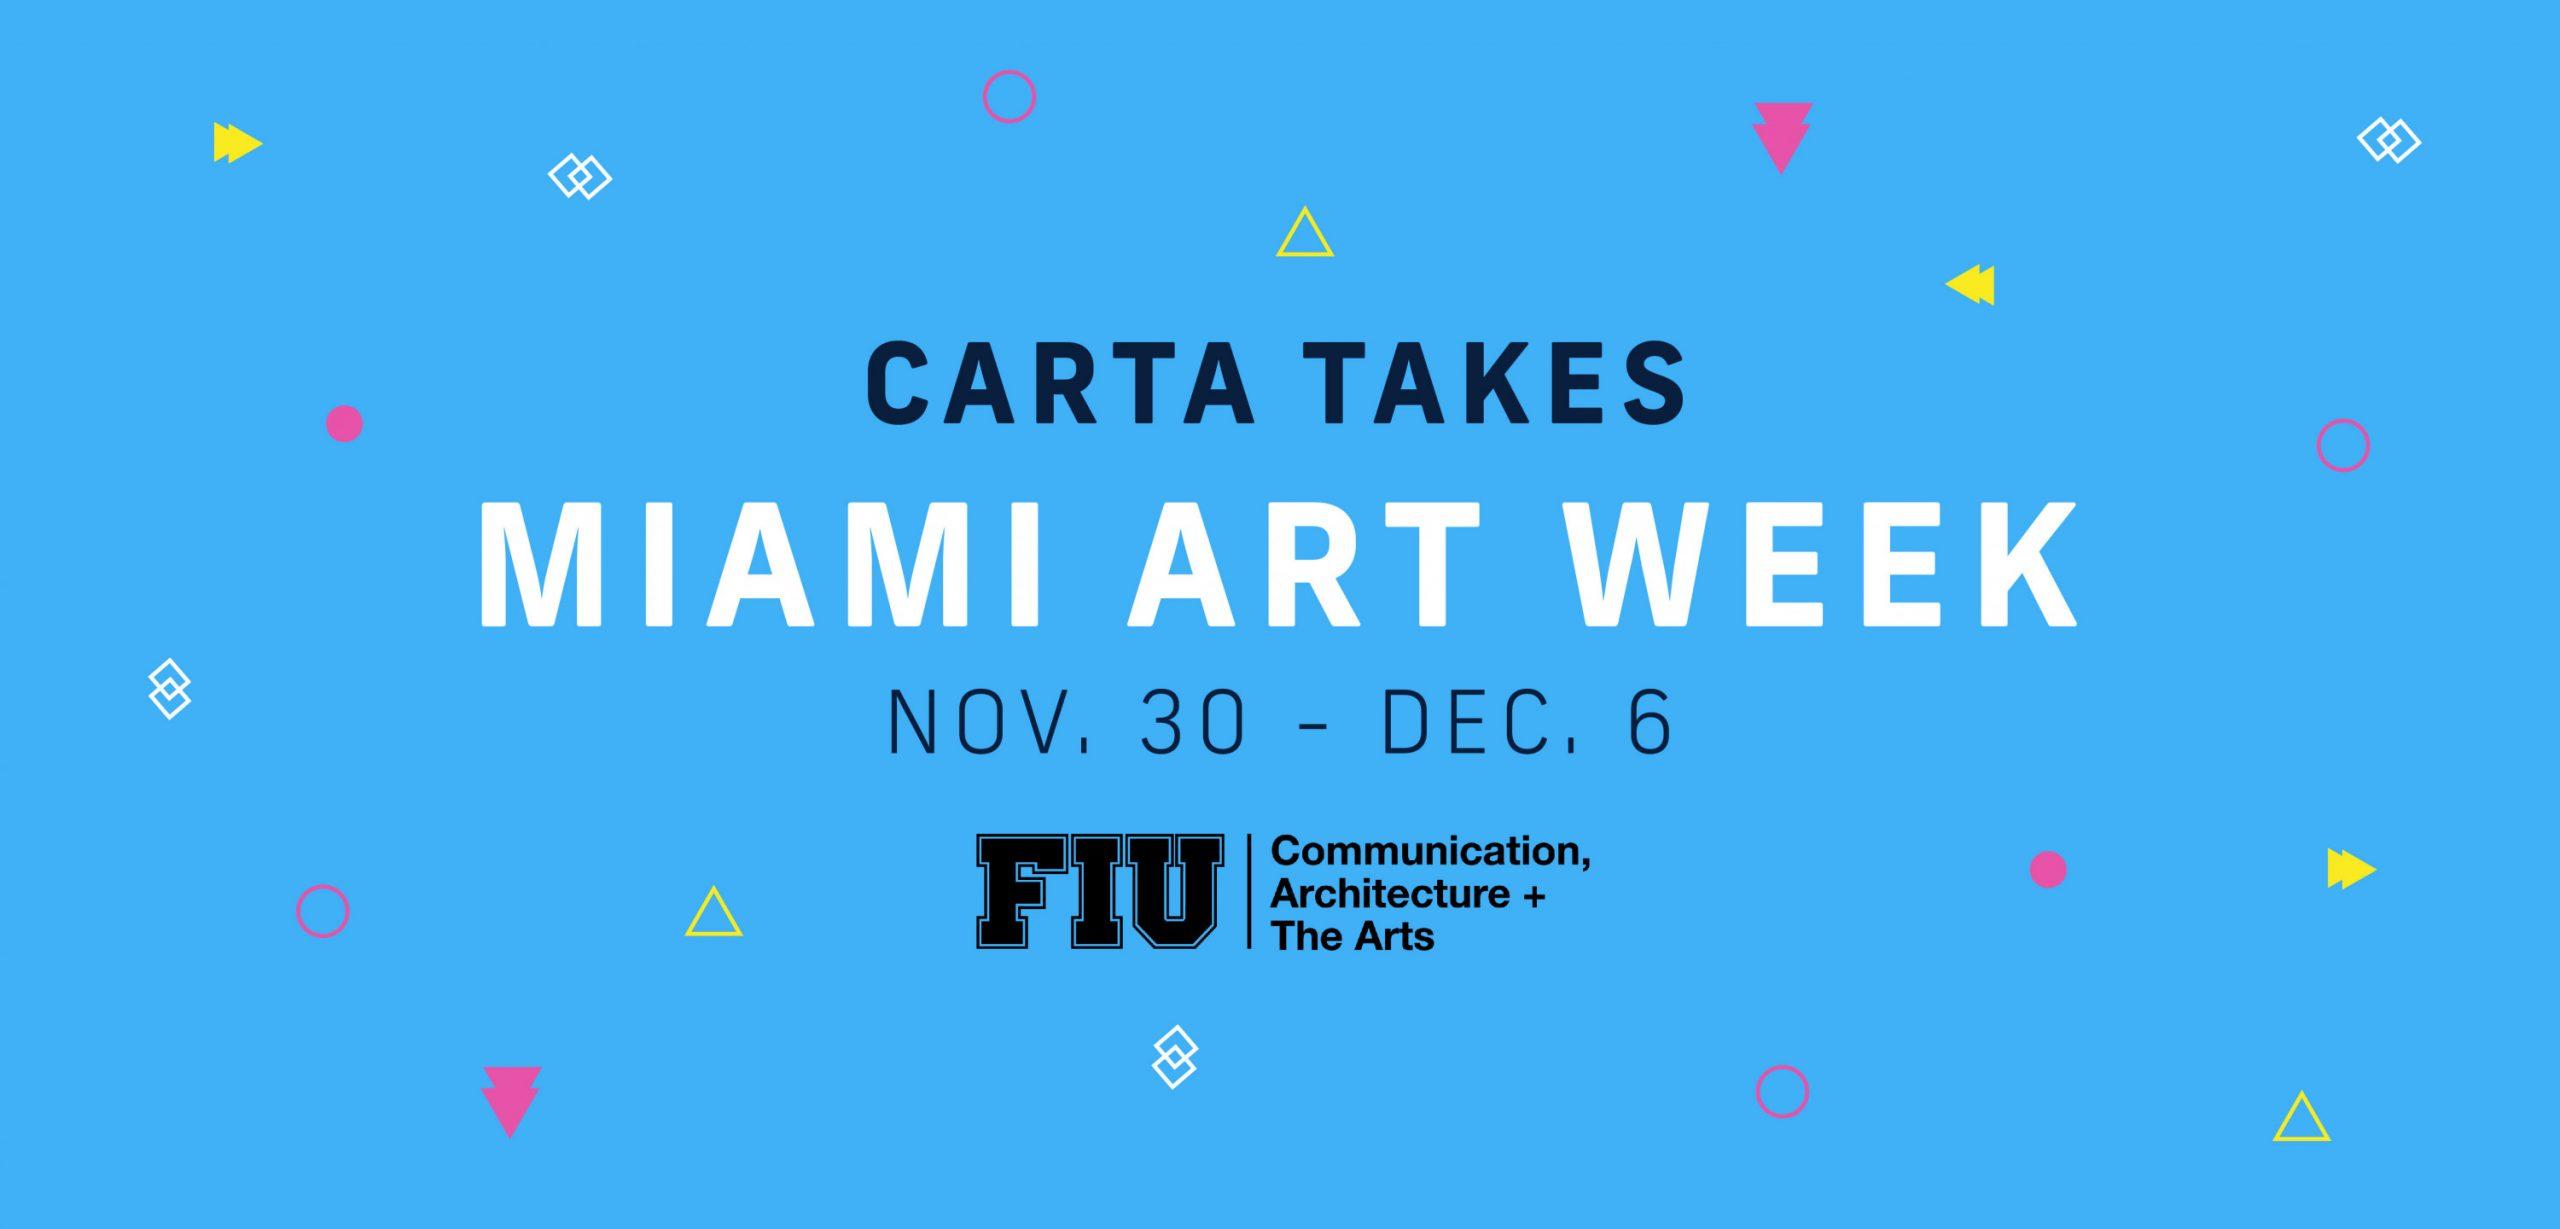 CARTA Takes Miami Art Week